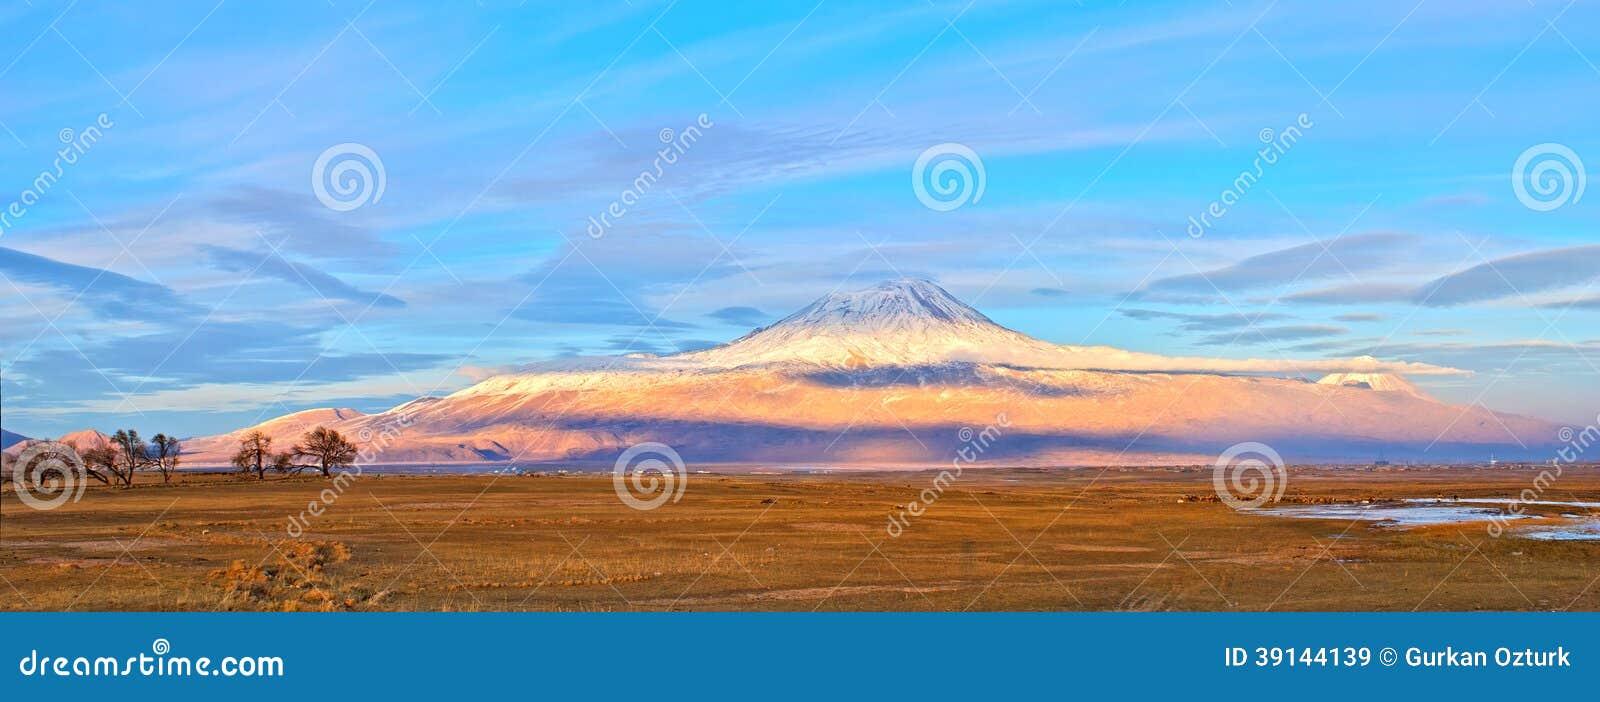 亚拉拉特山